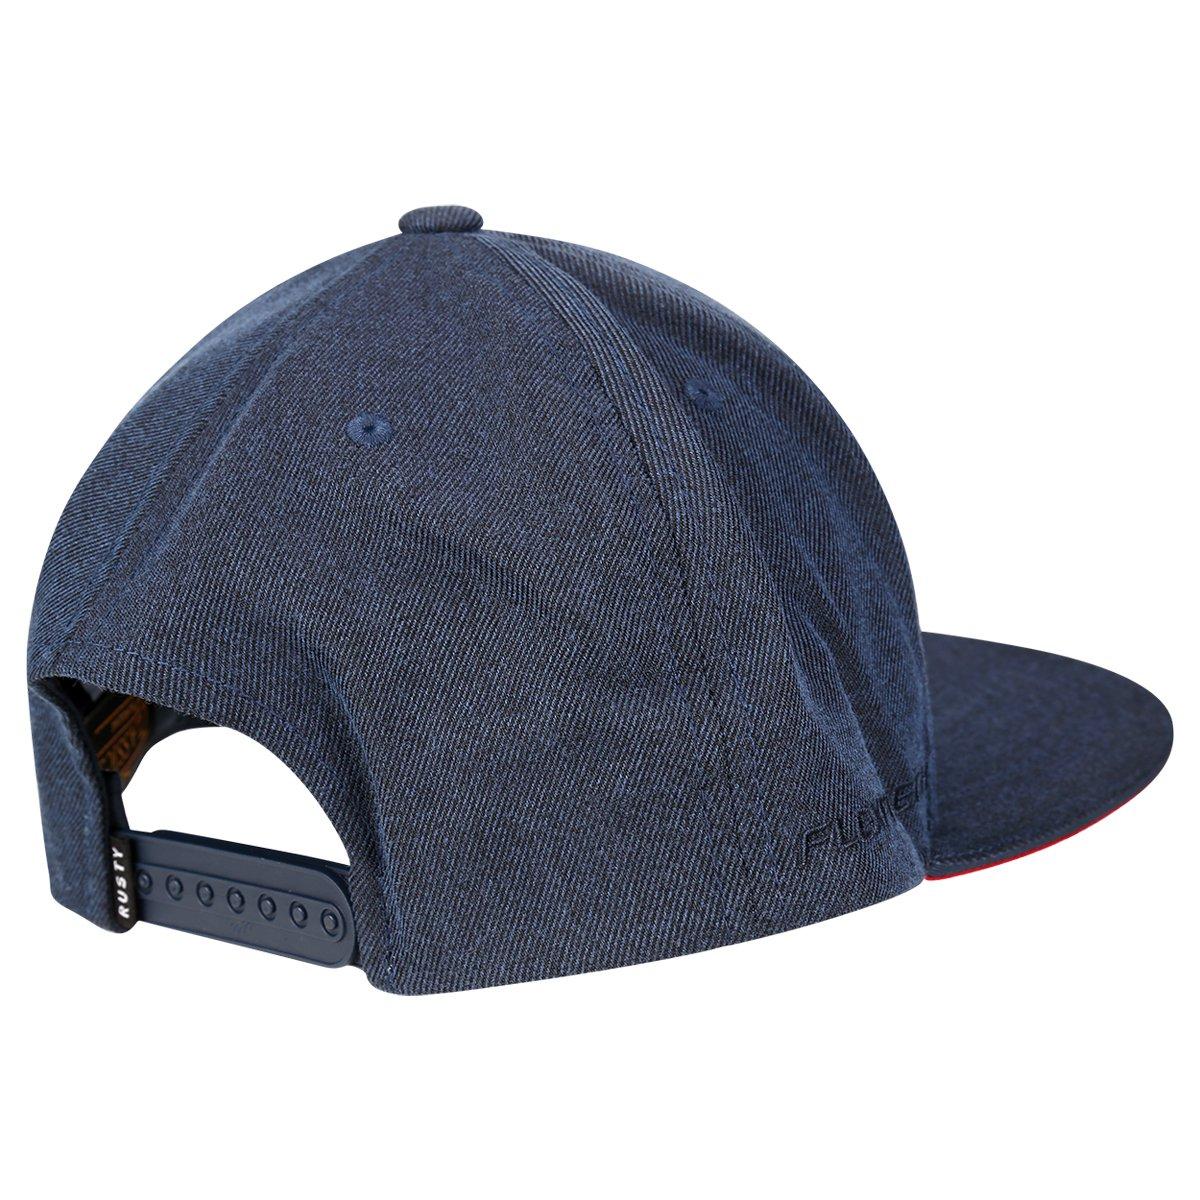 Boné Rusty Chronic One Blue - Compre Agora  5dfee0da25046